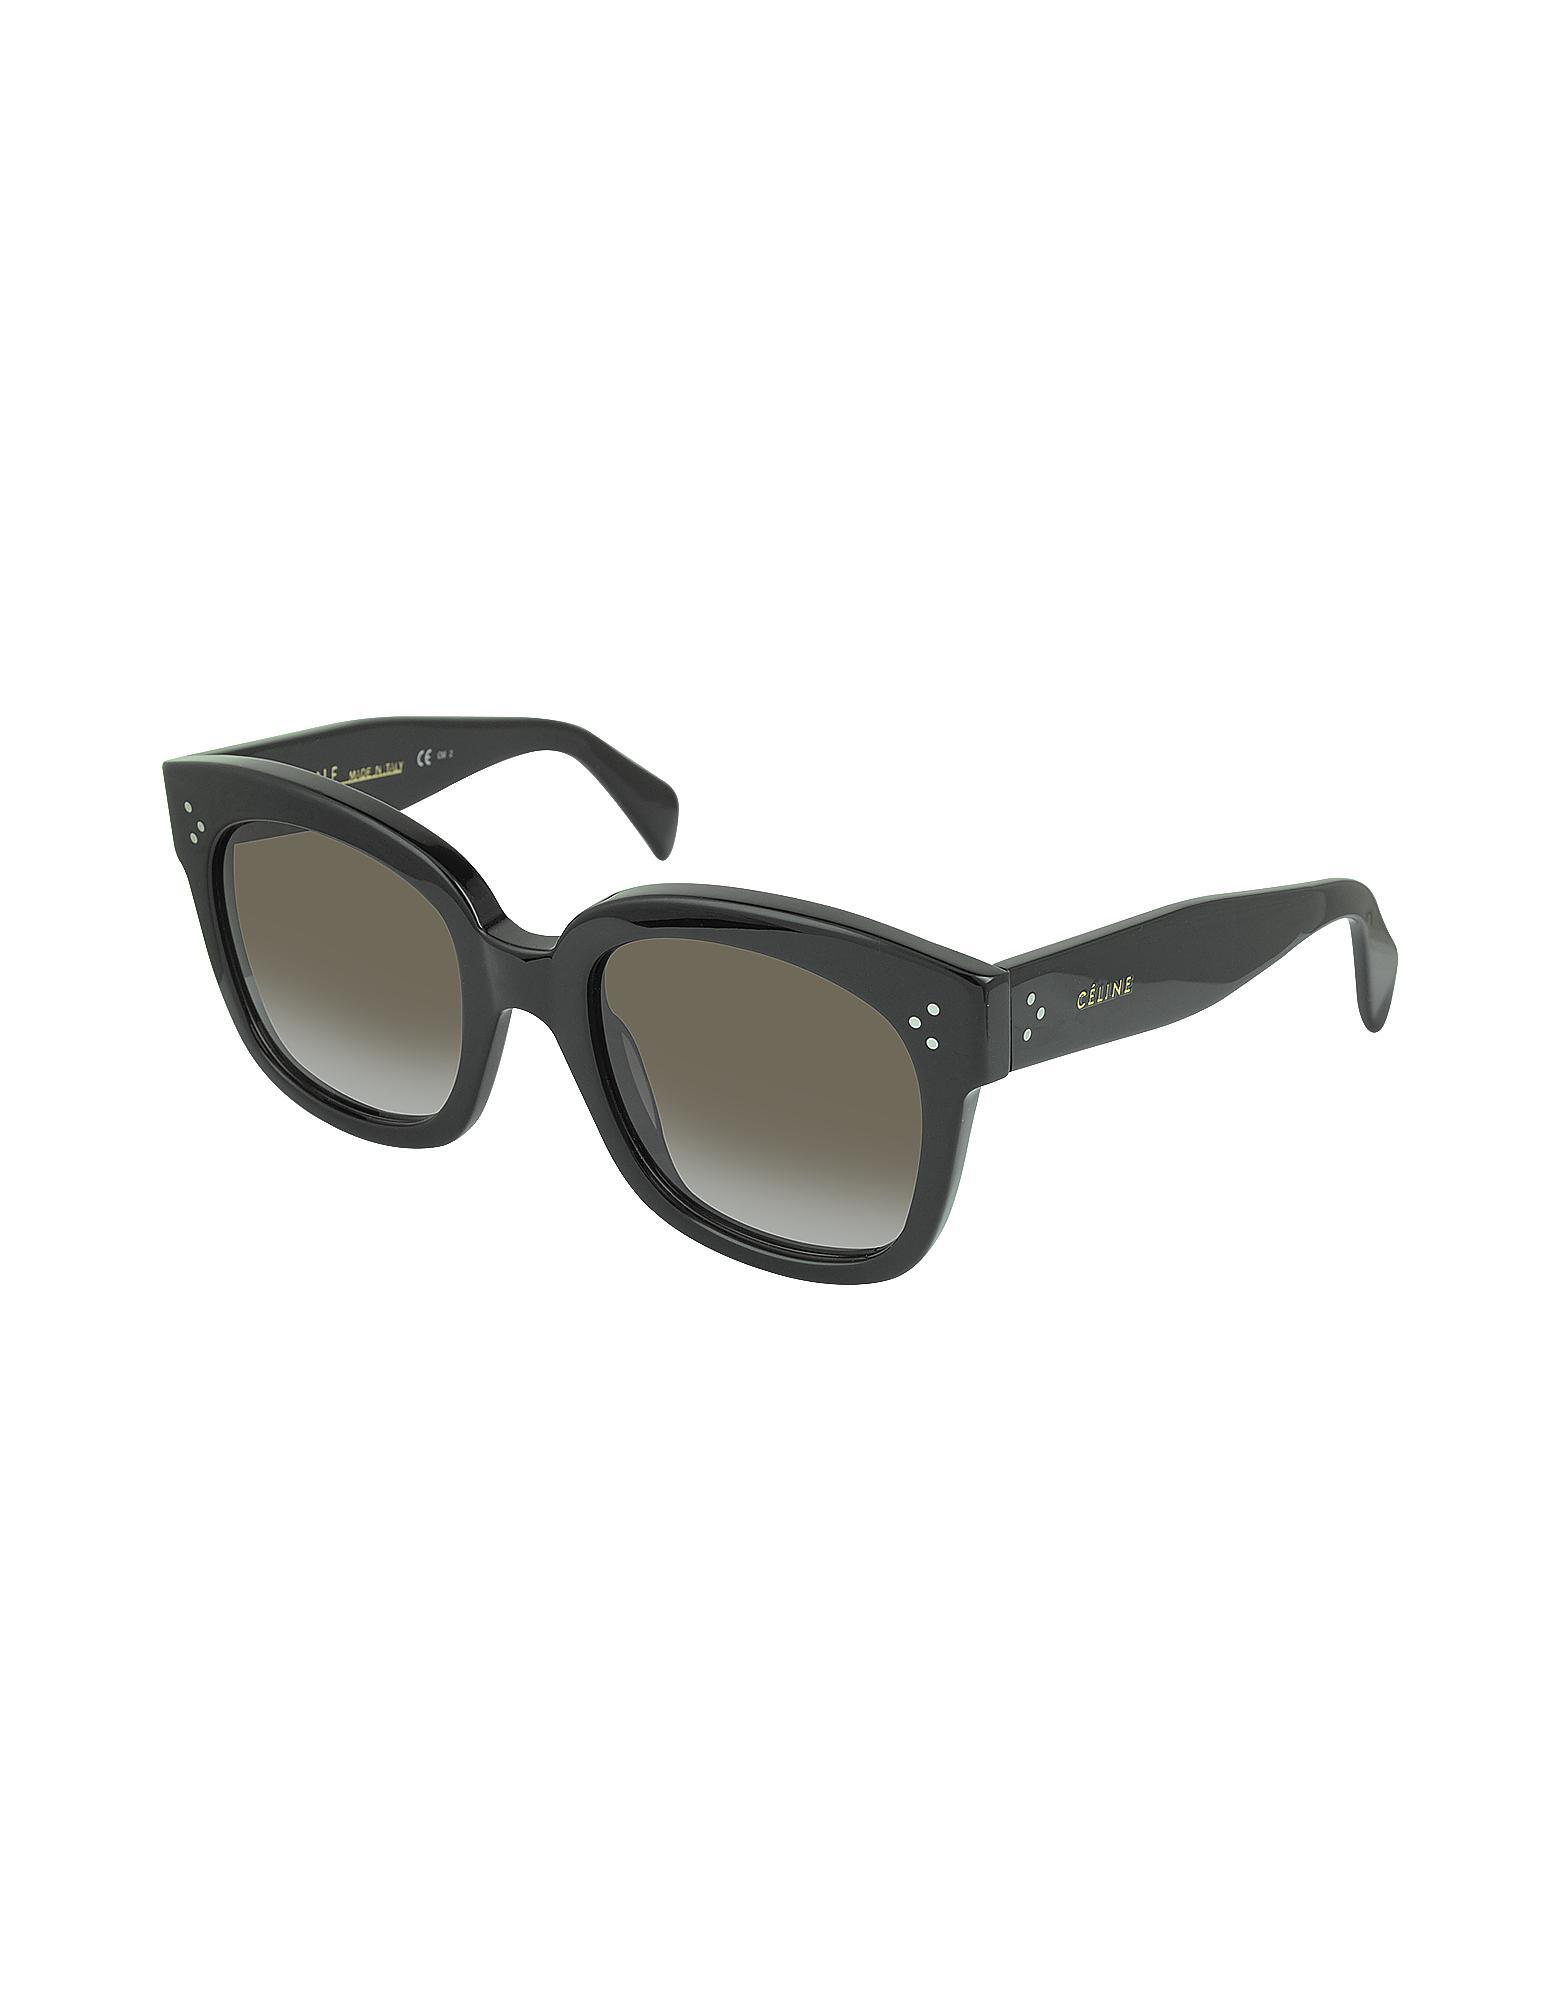 ef03d4997345 Lyst - Céline Cl41805 s New Audrey Black Acetate Sunglasses in Black